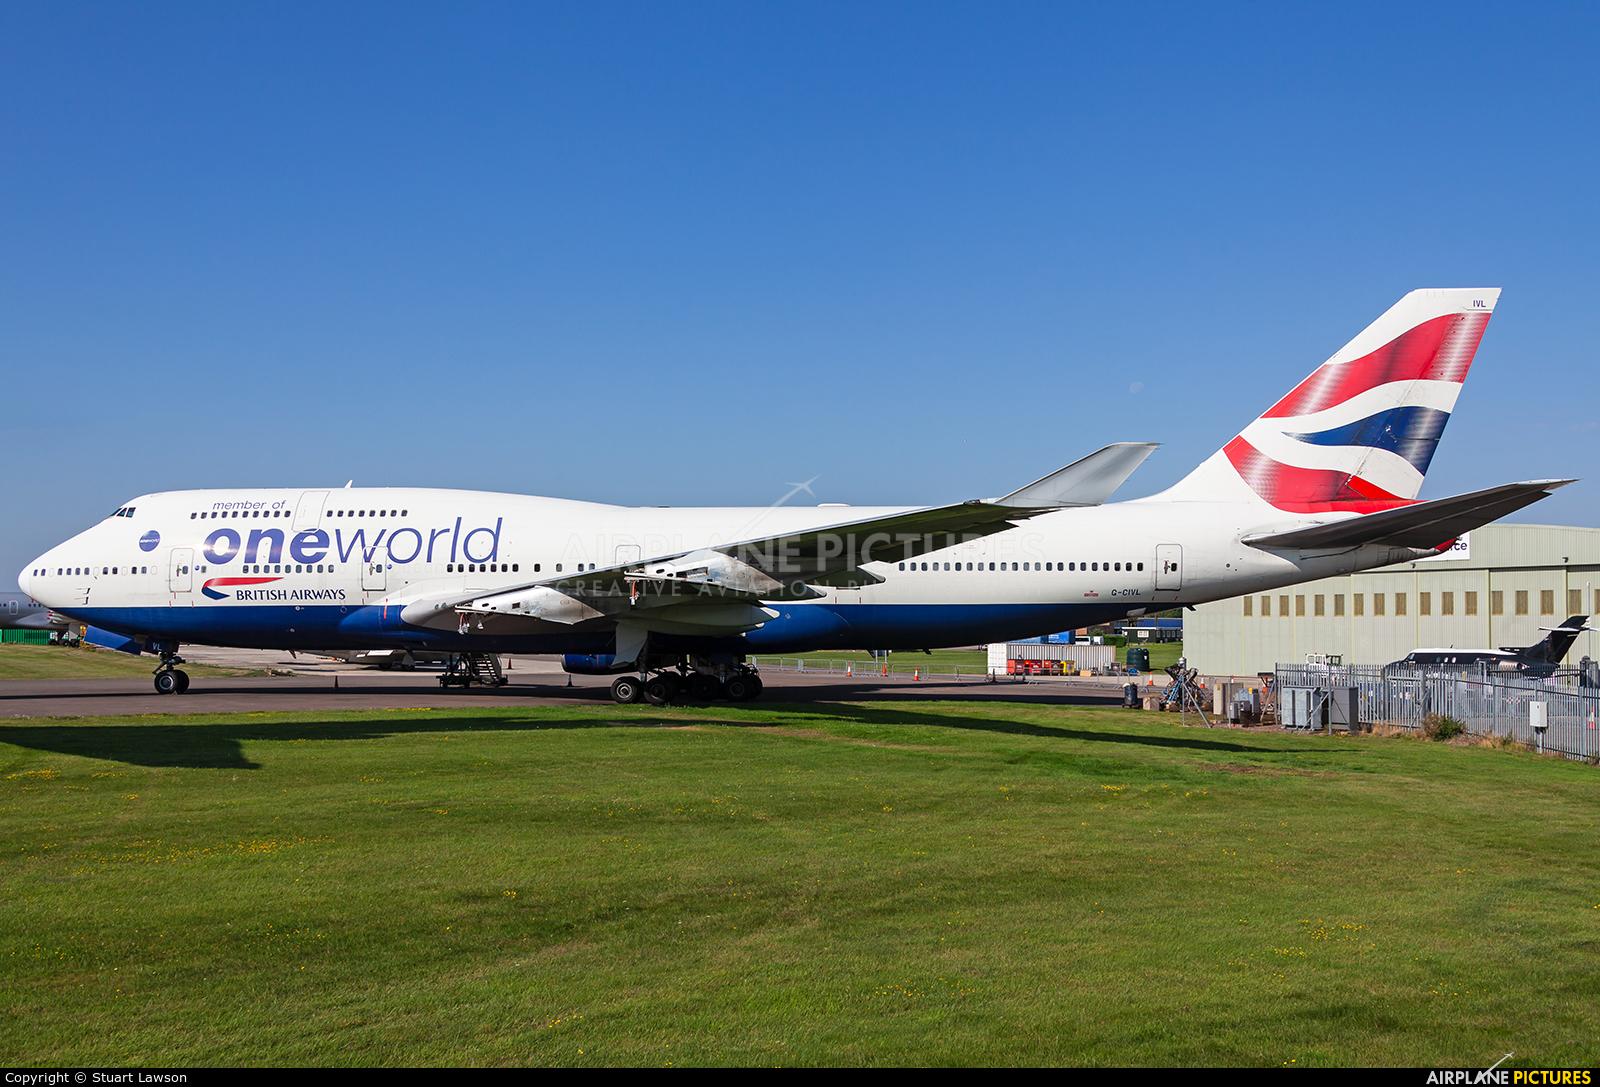 British Airways G-CIVL aircraft at Kemble